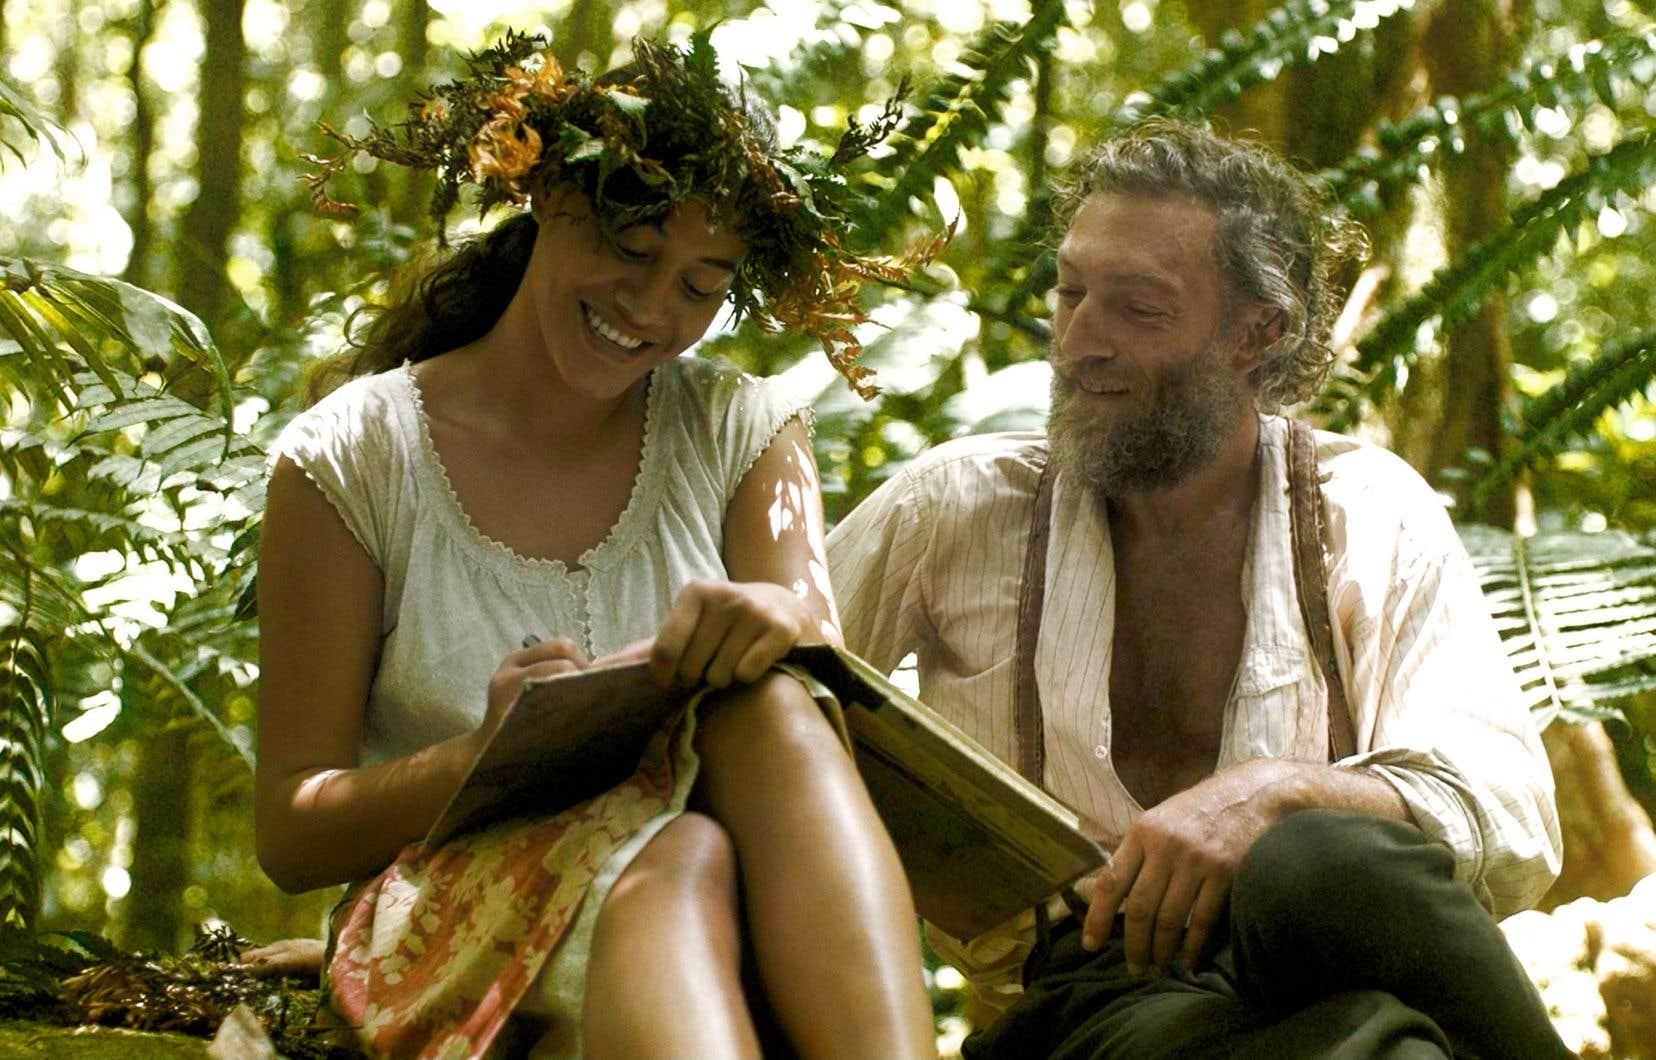 «Gauguin. Voyage de Tahiti», du cinéaste Édouard Deluc, est enrobé d'un classicisme sans éclat, comme si les beautés du paysage pouvaient satisfaire.